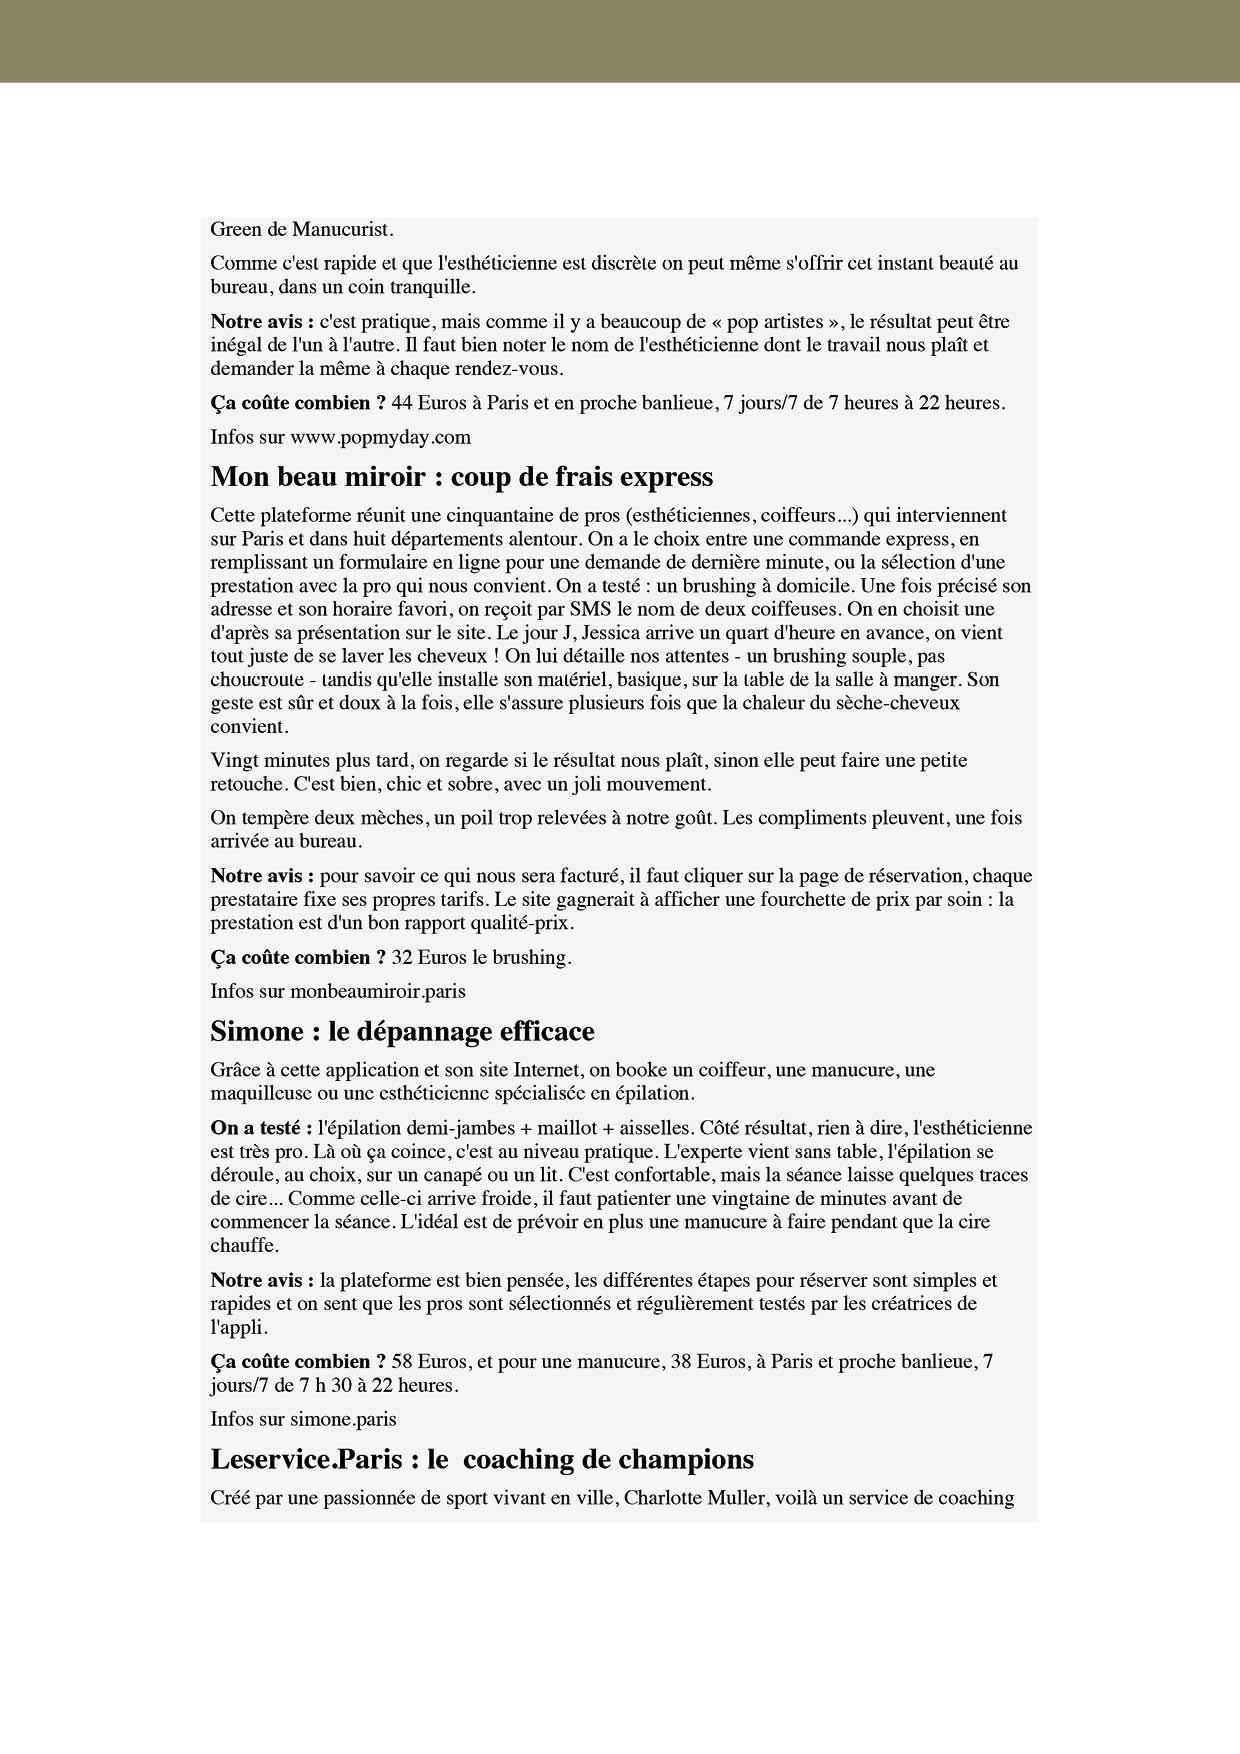 BOOKMEDIA_FEV_WEB53.jpg